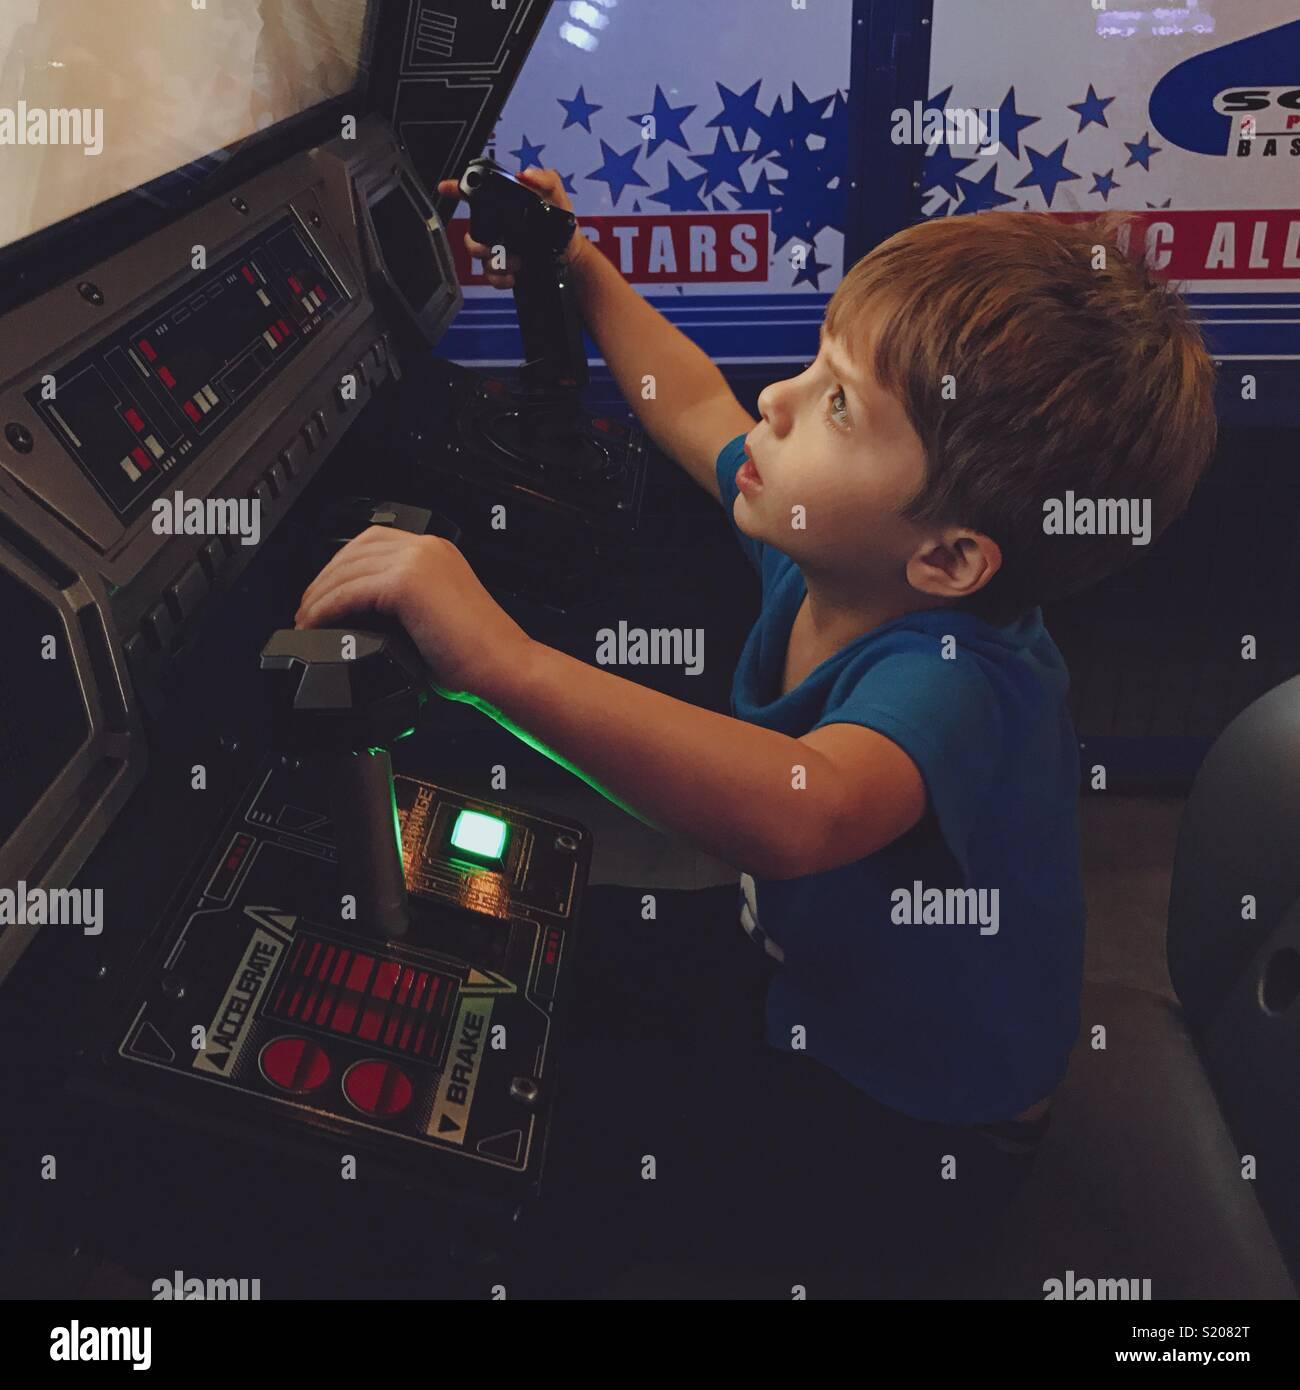 Boy playing arcade game - Stock Image